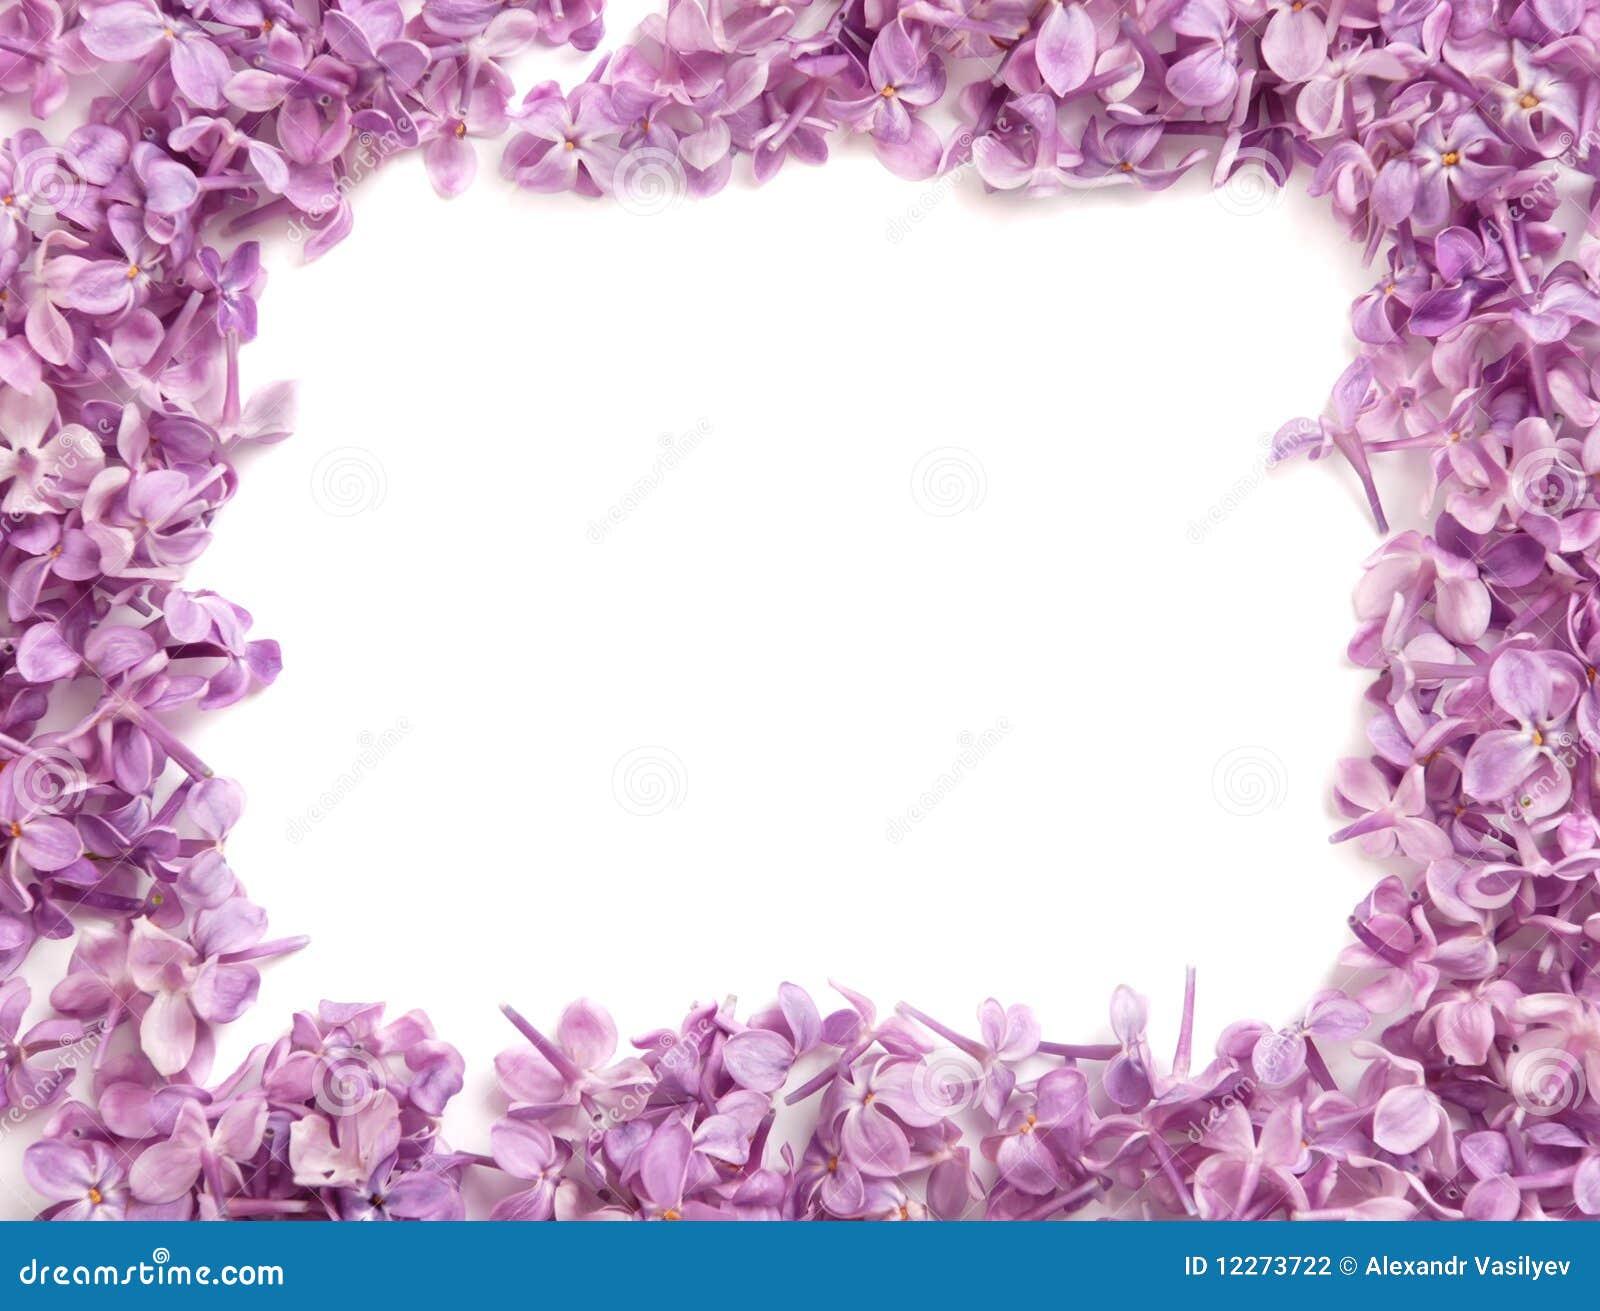 Фото цветов нежных